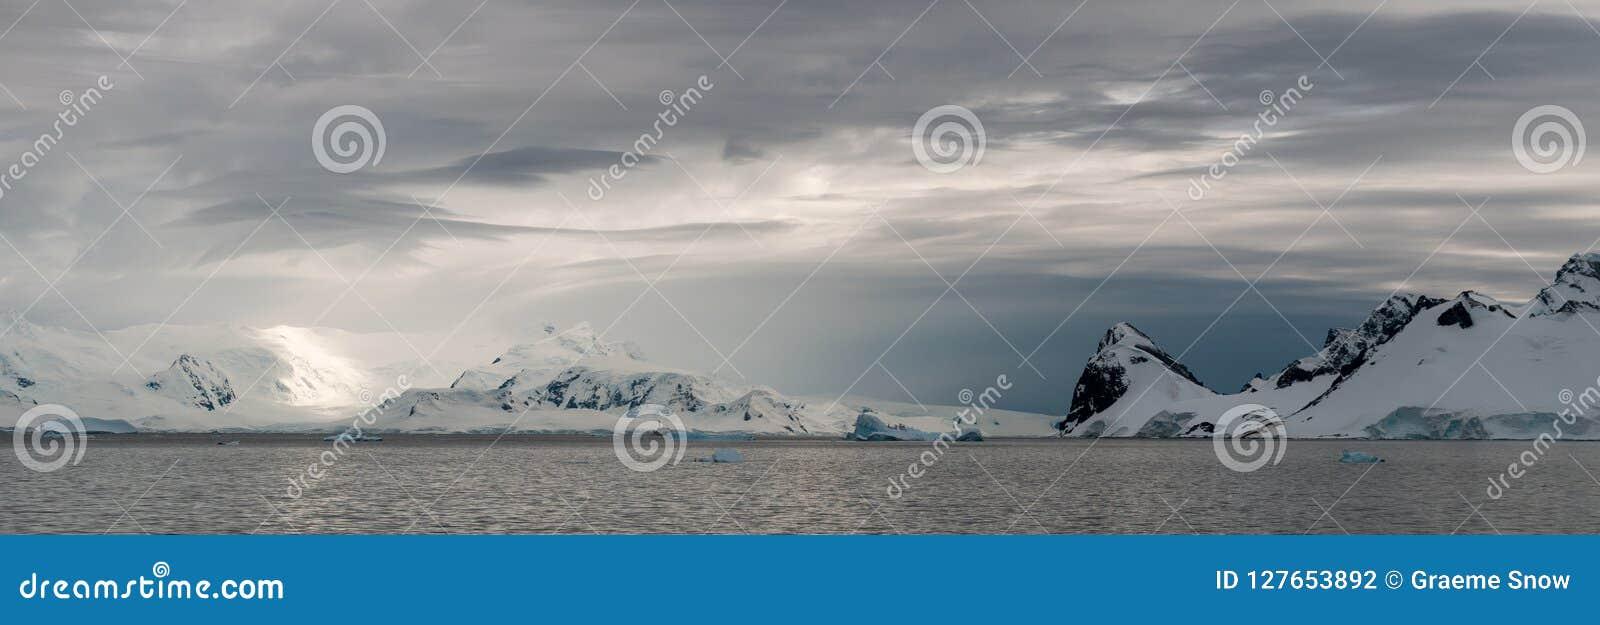 Высокопоставленные облака шторма над снег-покрытыми горами, проливом Gerlache, антартическим полуостровом